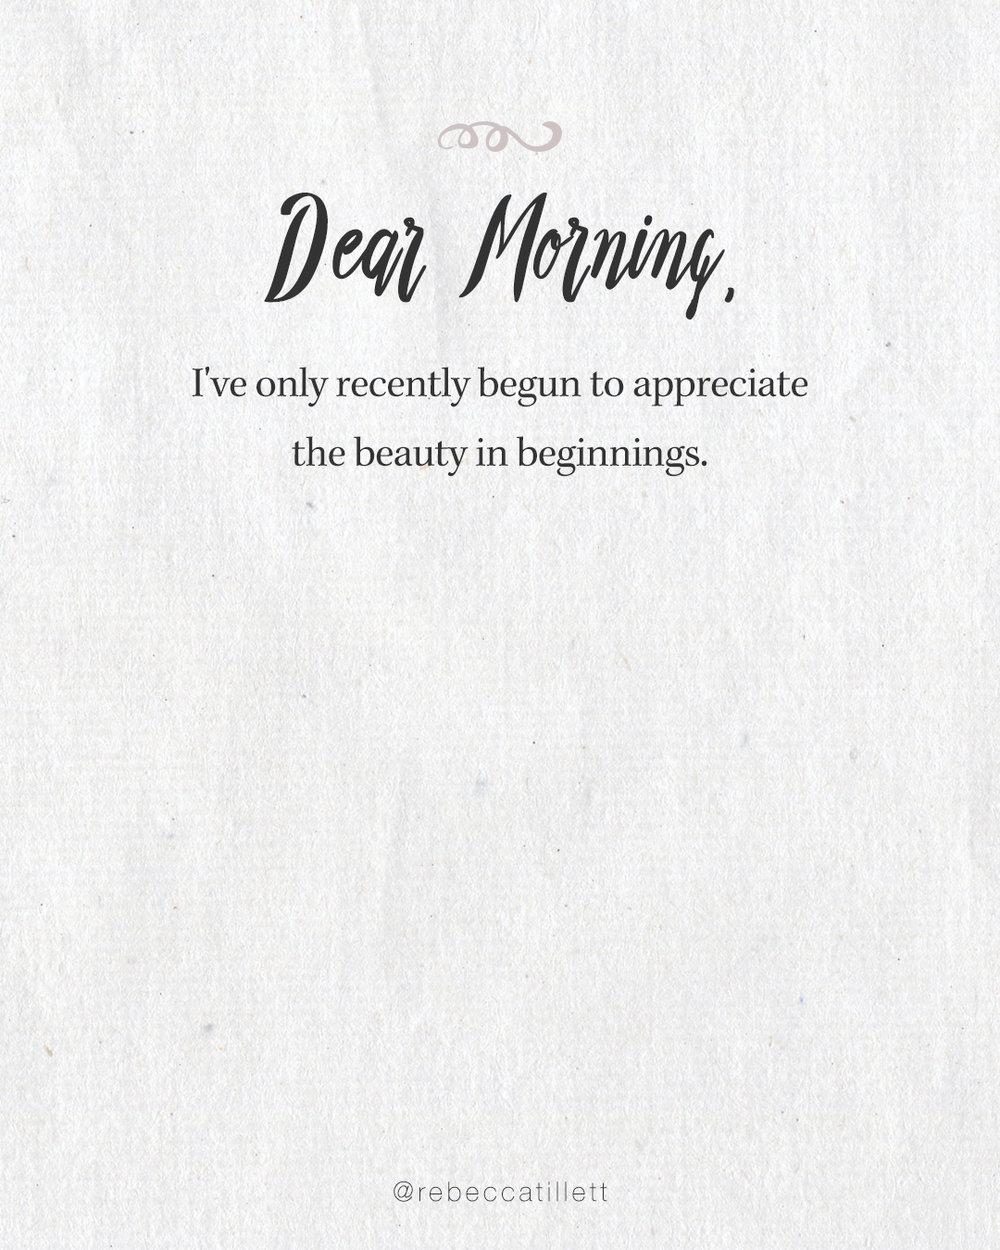 Dear Morning